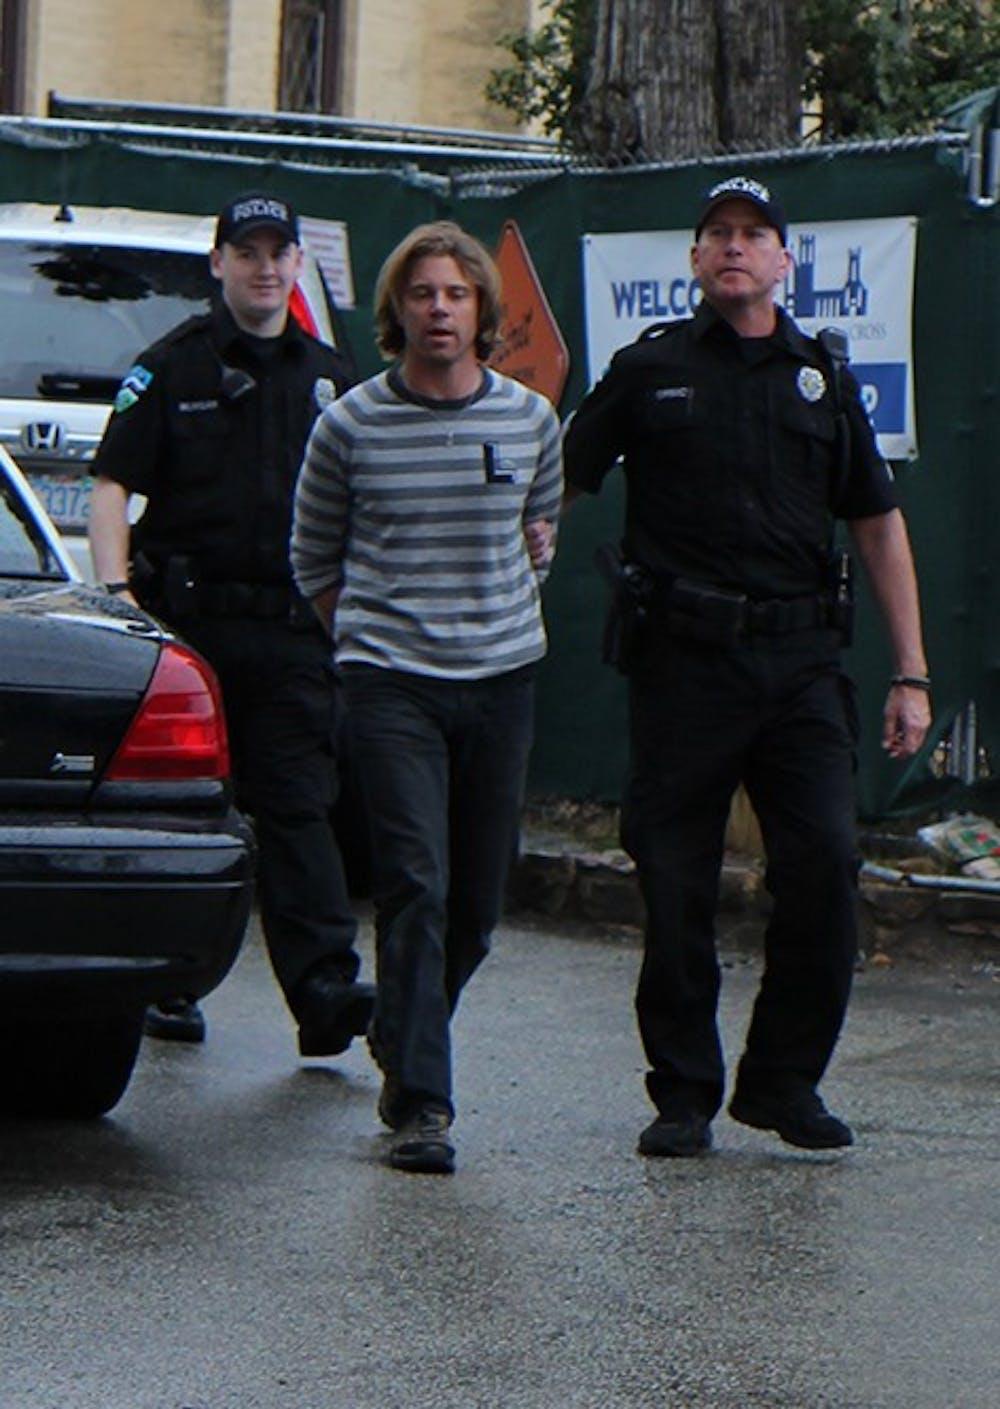 Lewis, knife assault cases still open